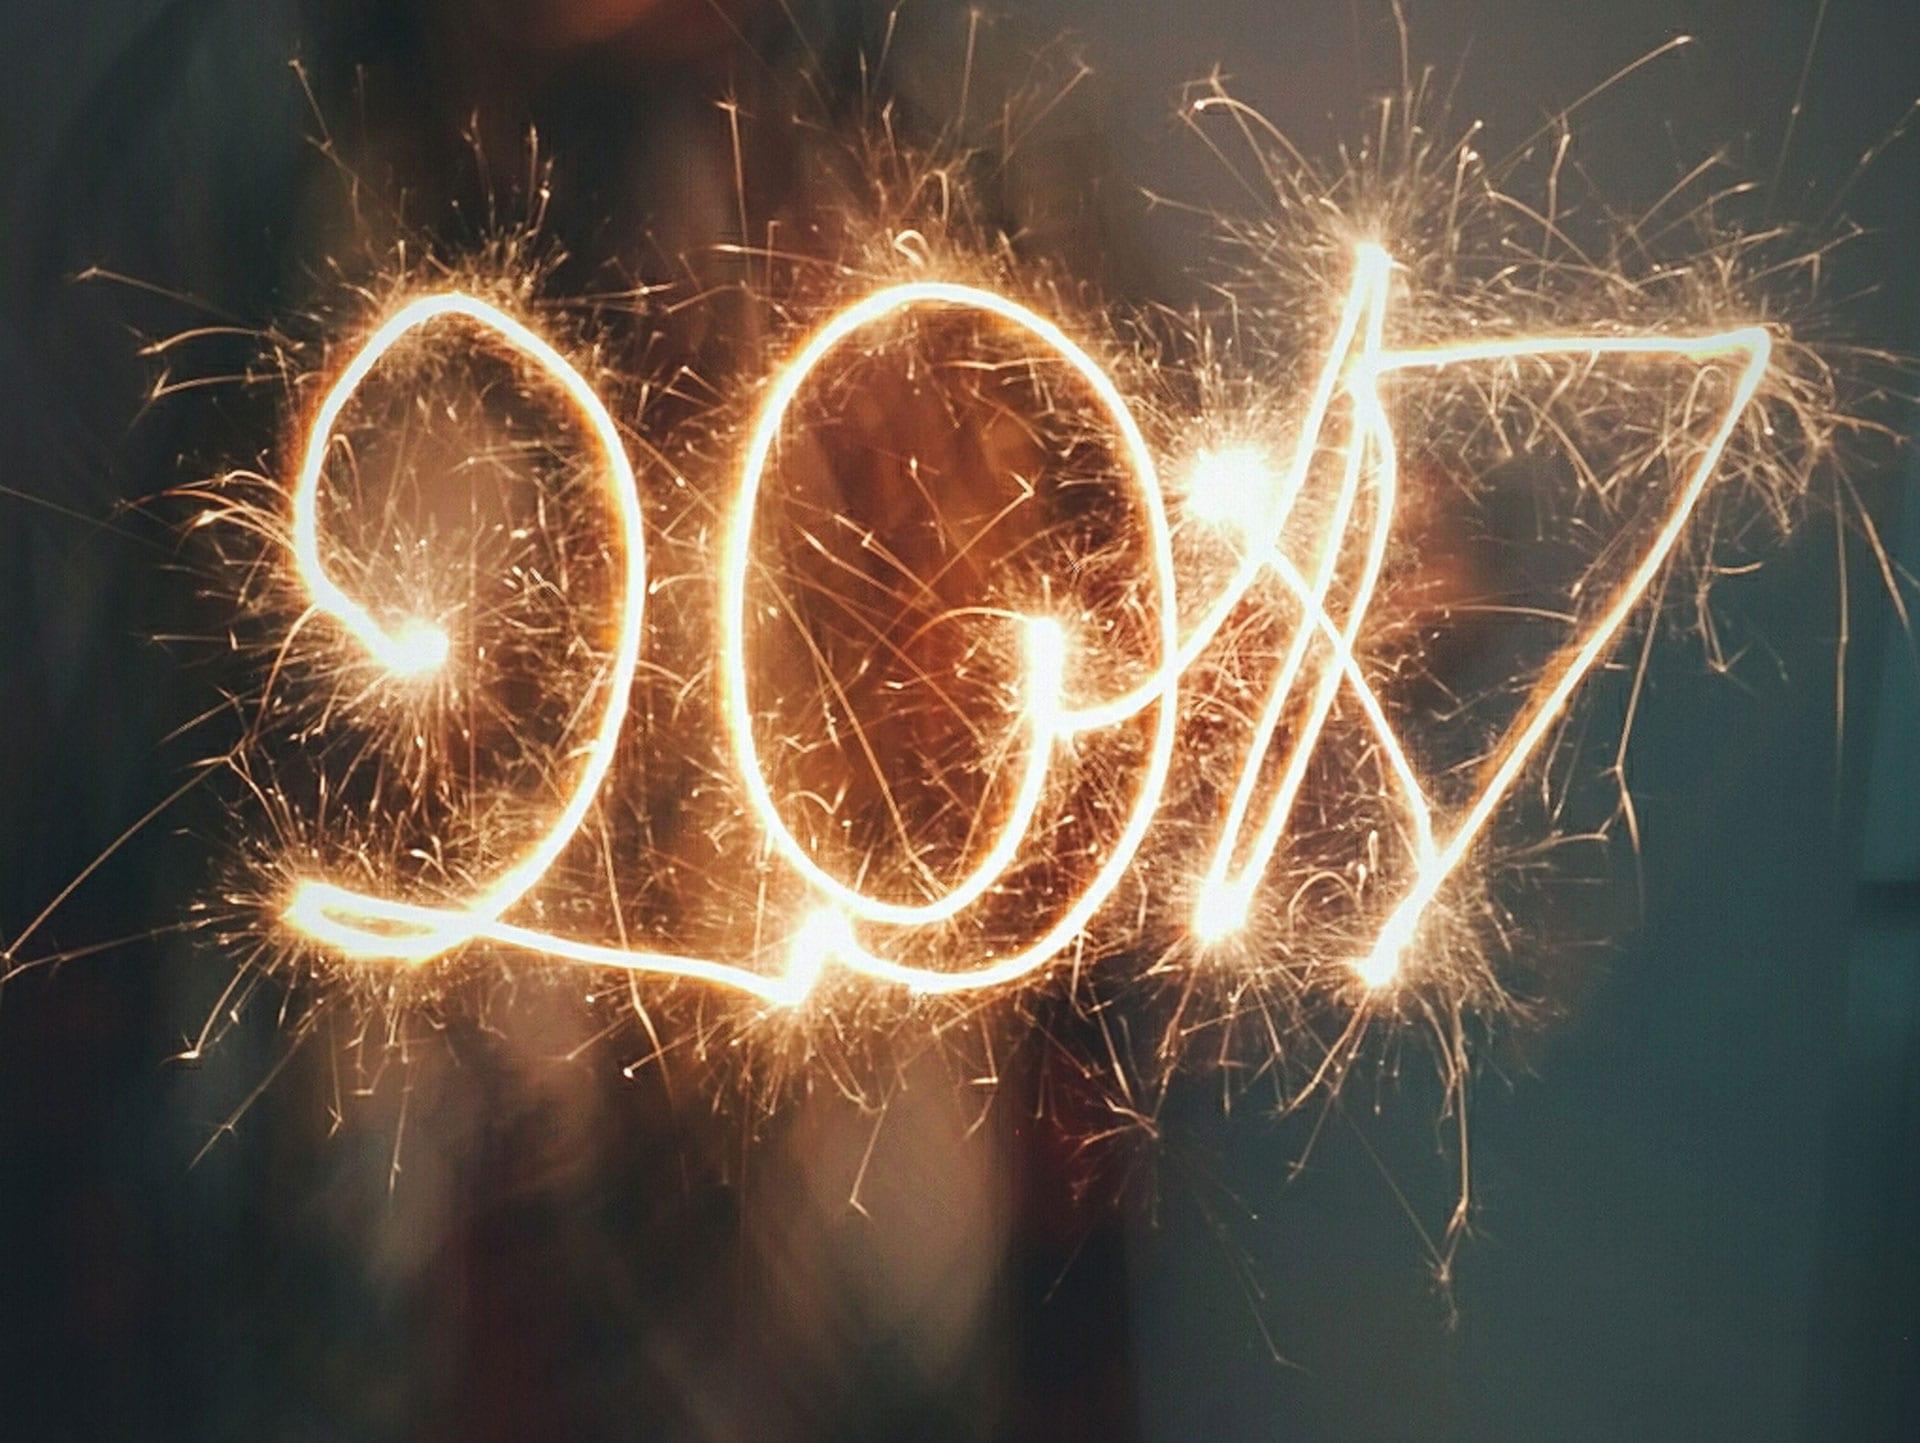 Dans quoi investir en 2017 - image Nouvelle année 2017